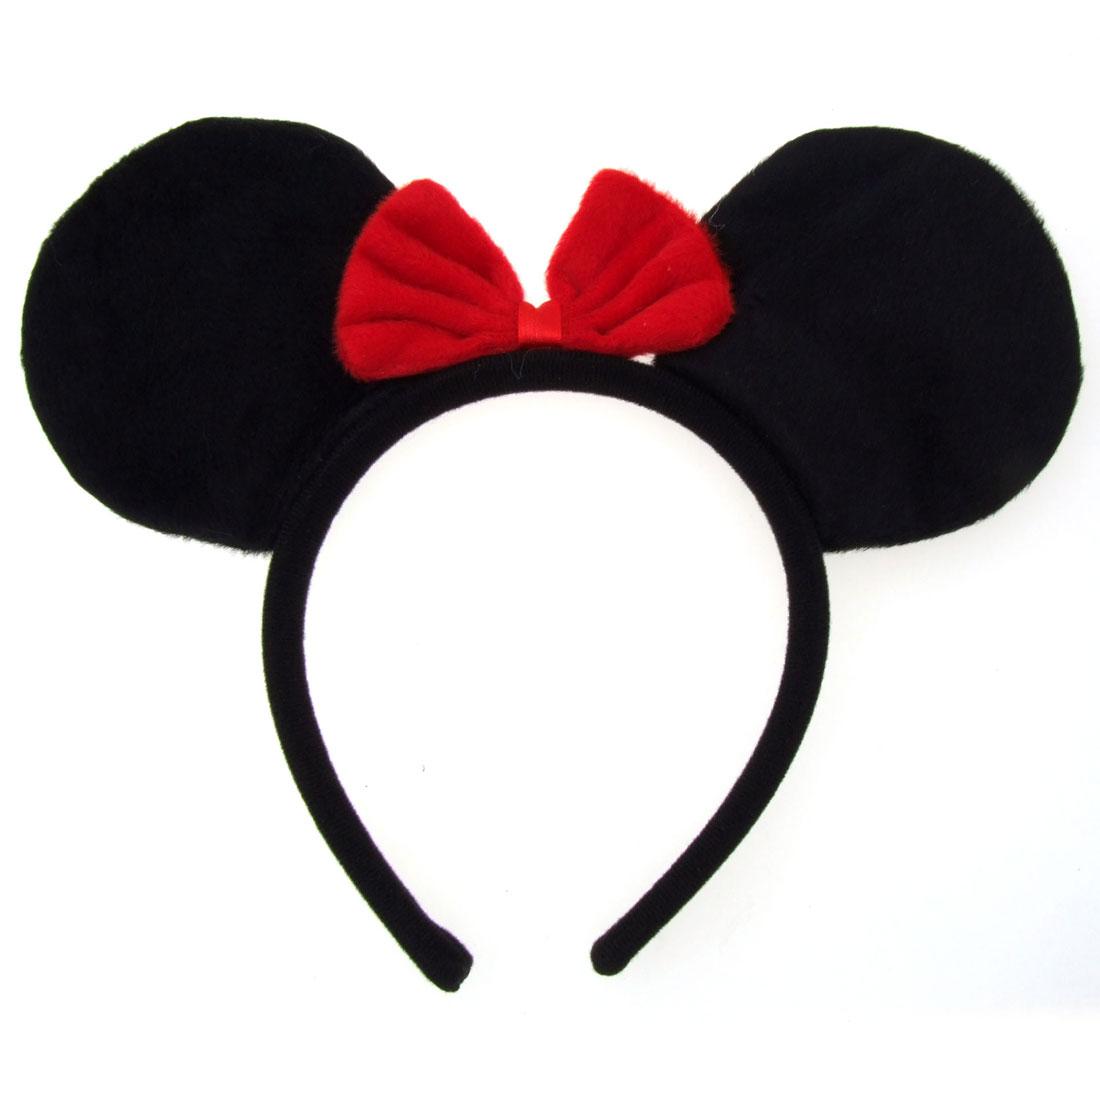 Lassock Mickey Mouse Halloween Hair Bow Headwear Barrette